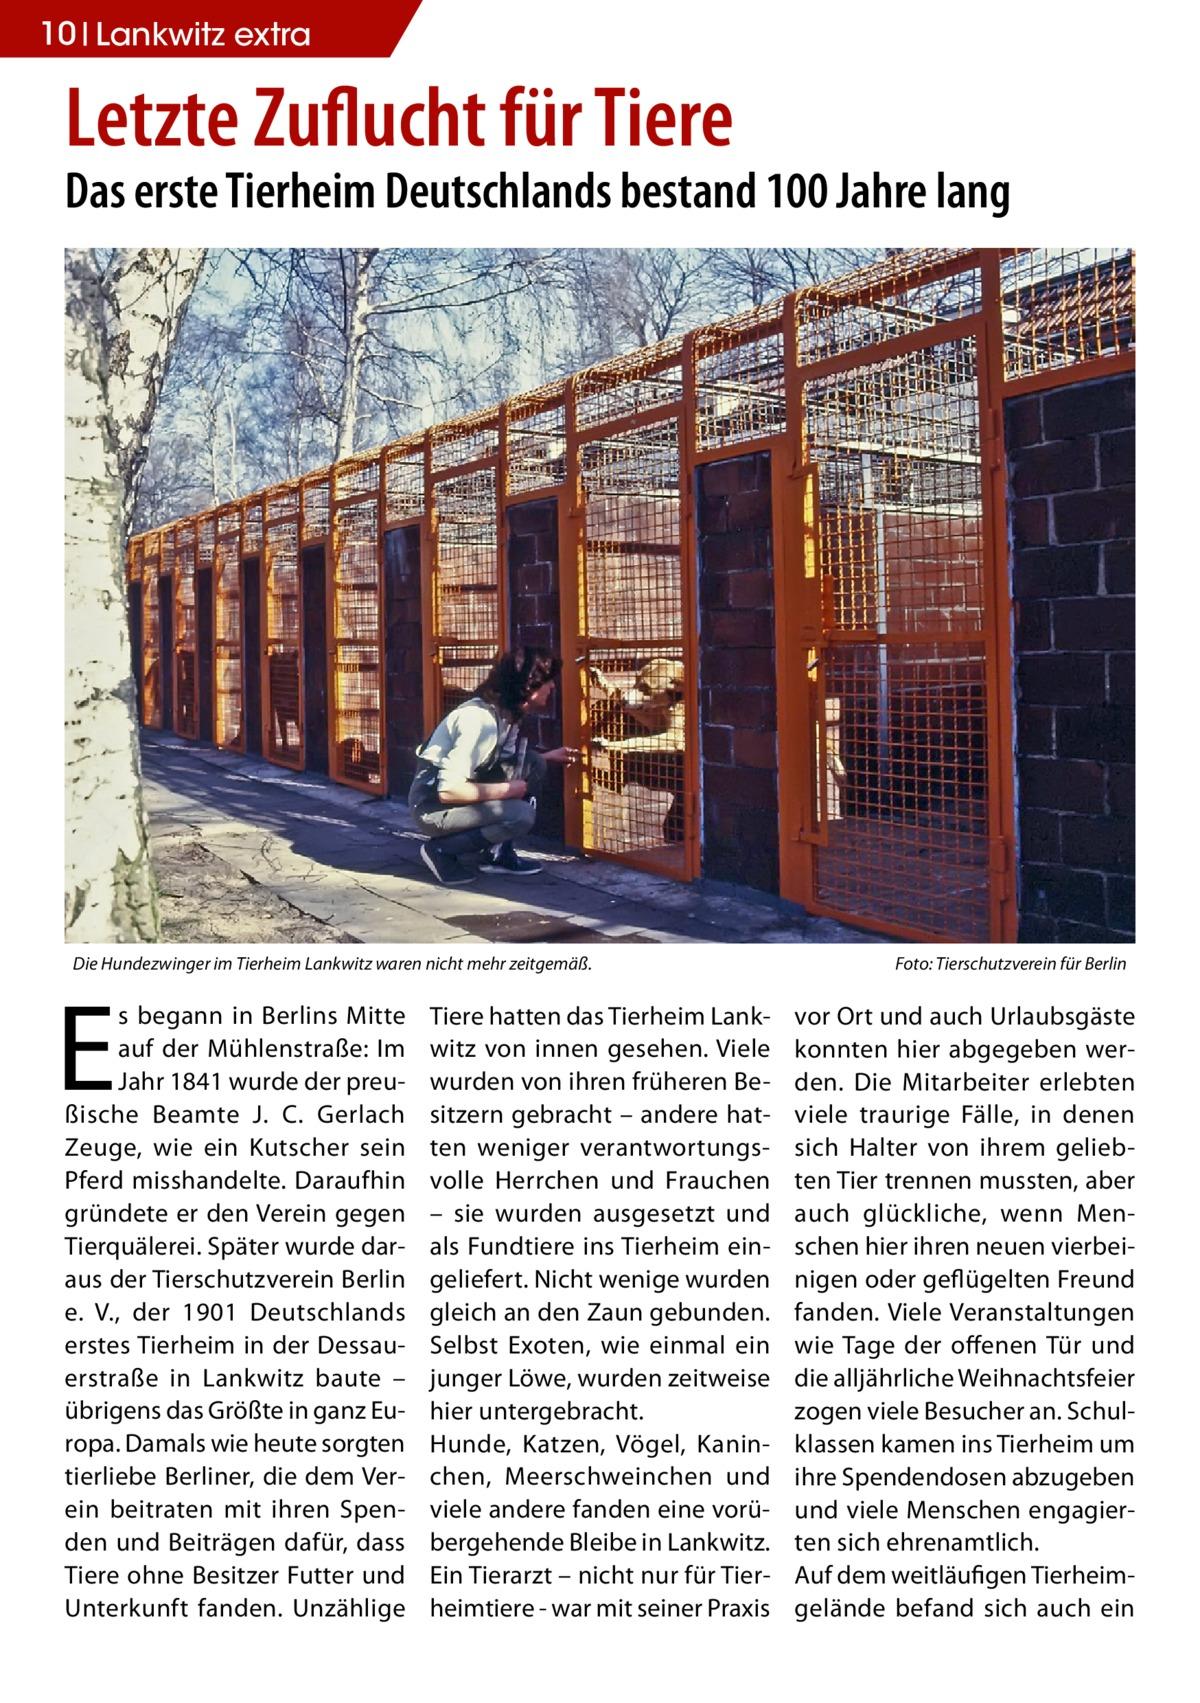 10 Lankwitz extra  Letzte Zuflucht für Tiere  Das erste Tierheim Deutschlands bestand 100 Jahre lang  Die Hundezwinger im Tierheim Lankwitz waren nicht mehr zeitgemäß.�  E  s begann in Berlins Mitte auf der Mühlenstraße: Im Jahr 1841 wurde der preußische Beamte J. C. Gerlach Zeuge, wie ein Kutscher sein Pferd misshandelte. Daraufhin gründete er den Verein gegen Tierquälerei. Später wurde daraus der Tierschutzverein Berlin e. V., der 1901 Deutschlands erstes Tierheim in der Dessauerstraße in Lankwitz baute – übrigens das Größte in ganz Europa. Damals wie heute sorgten tierliebe Berliner, die dem Verein beitraten mit ihren Spenden und Beiträgen dafür, dass Tiere ohne Besitzer Futter und Unterkunft fanden. Unzählige  Tiere hatten das Tierheim Lankwitz von innen gesehen. Viele wurden von ihren früheren Besitzern gebracht – andere hatten weniger verantwortungsvolle Herrchen und Frauchen – sie wurden ausgesetzt und als Fundtiere ins Tierheim eingeliefert. Nicht wenige wurden gleich an den Zaun gebunden. Selbst Exoten, wie einmal ein junger Löwe, wurden zeitweise hier untergebracht. Hunde, Katzen, Vögel, Kaninchen, Meerschweinchen und viele andere fanden eine vorübergehende Bleibe in Lankwitz. Ein Tierarzt – nicht nur für Tierheimtiere - war mit seiner Praxis  Foto: Tierschutzverein für Berlin  vor Ort und auch Urlaubsgäste konnten hier abgegeben werden. Die Mitarbeiter erlebten viele traurige Fälle, in denen sich Halter von ihrem geliebten Tier trennen mussten, aber auch glückliche, wenn Menschen hier ihren neuen vierbeinigen oder geflügelten Freund fanden. Viele Veranstaltungen wie Tage der offenen Tür und die alljährliche Weihnachtsfeier zogen viele Besucher an. Schulklassen kamen ins Tierheim um ihre Spendendosen abzugeben und viele Menschen engagierten sich ehrenamtlich. Auf dem weitläufigen Tierheimgelände befand sich auch ein